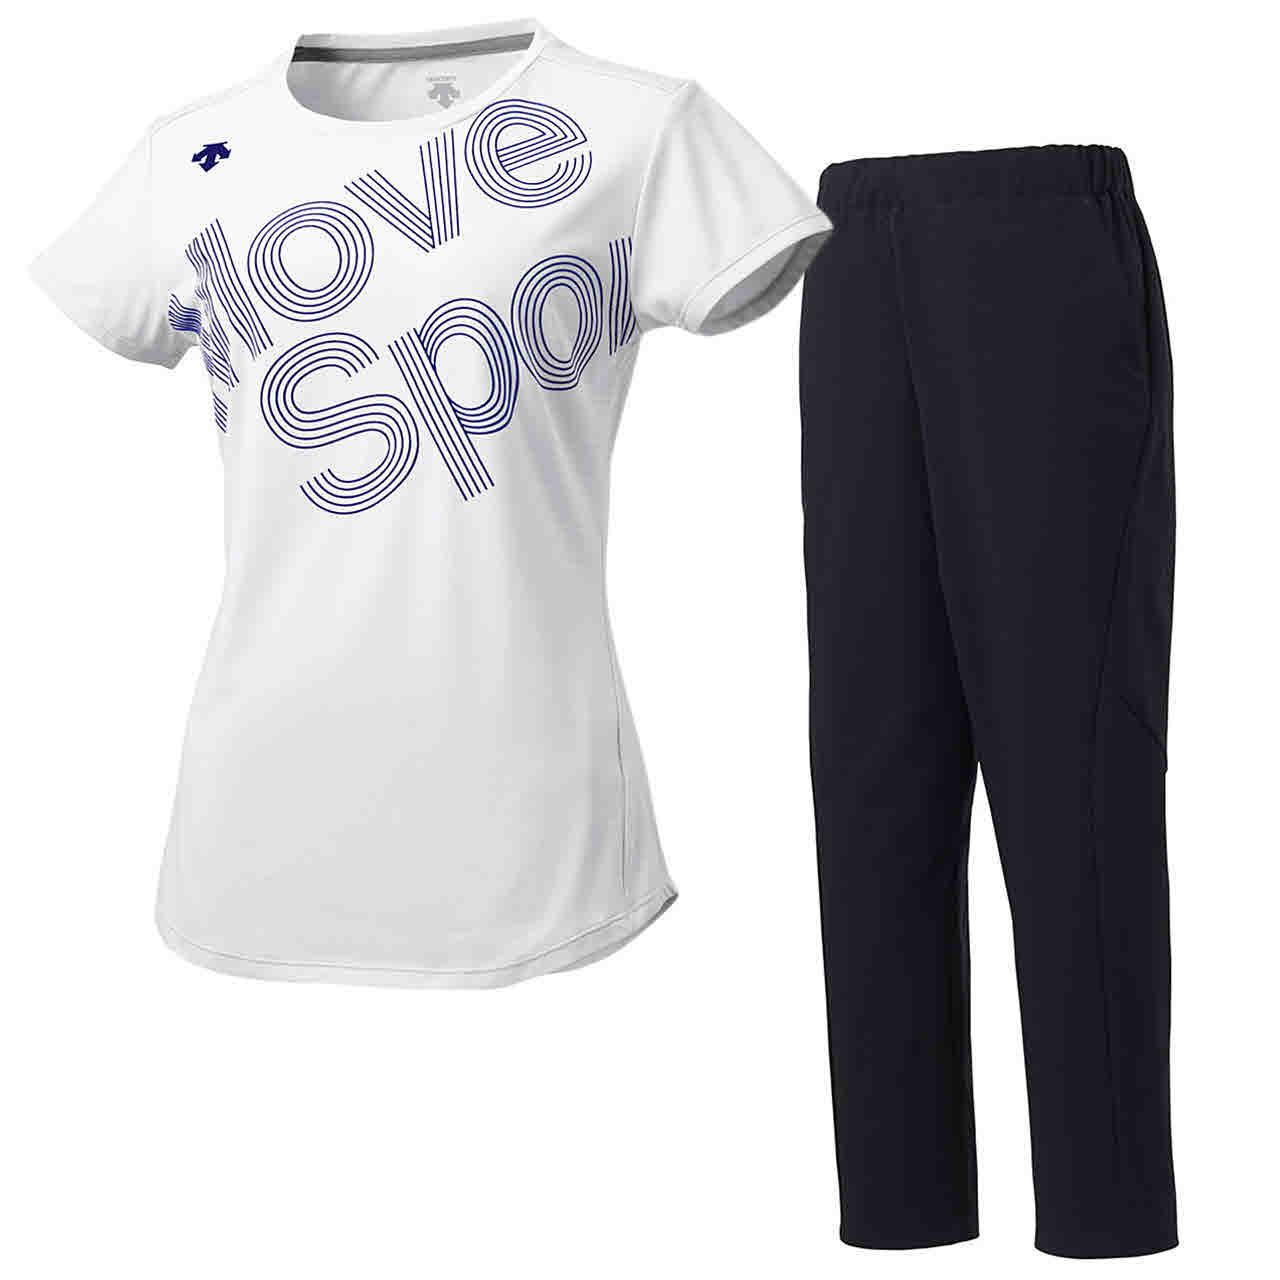 デサント DESCENTE レディース サンスクリーン 半袖Tシャツ&ロングパンツ上下セット ホワイト×ブラック